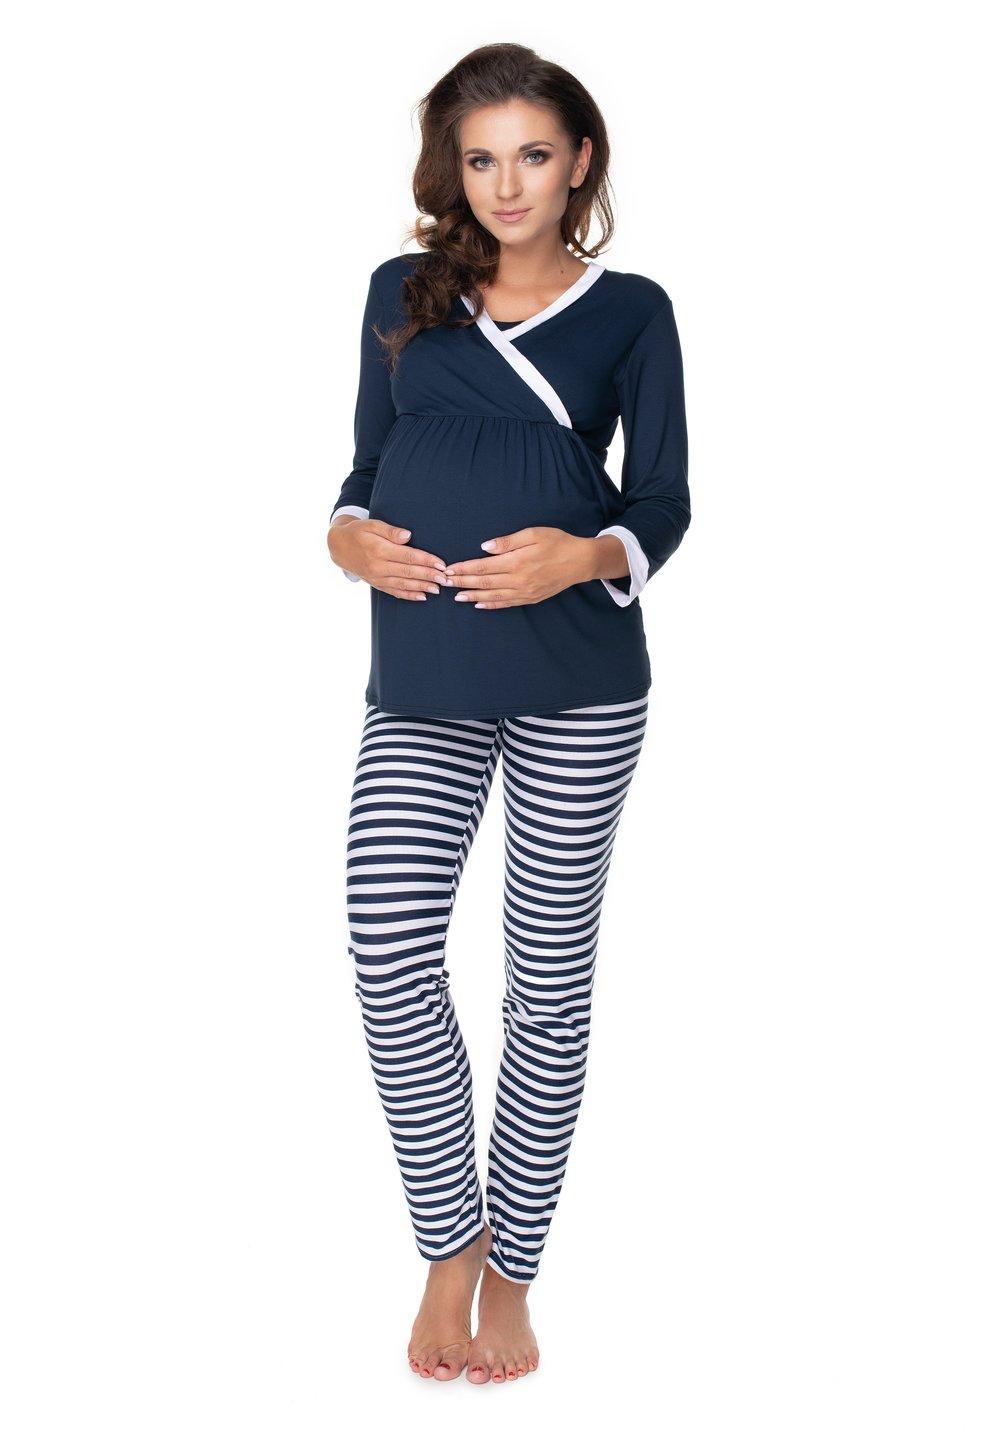 Pijama pentru alaptat, bluemarin cu dungi albe imagine